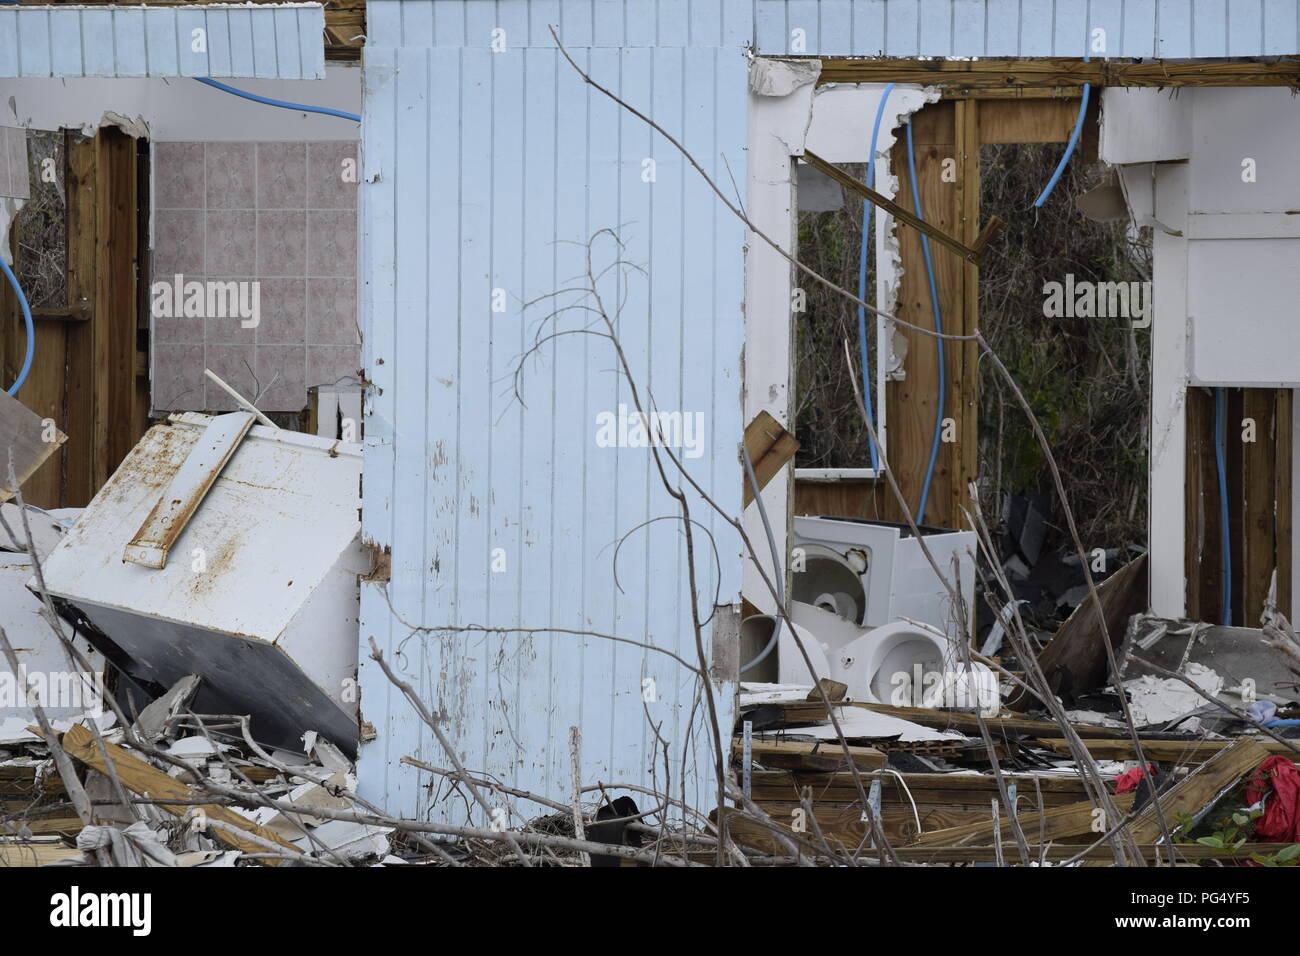 Hurricane Matthew 2016 West End, Grand Bahama Island, Bahamas Storm Damage Stock Photo